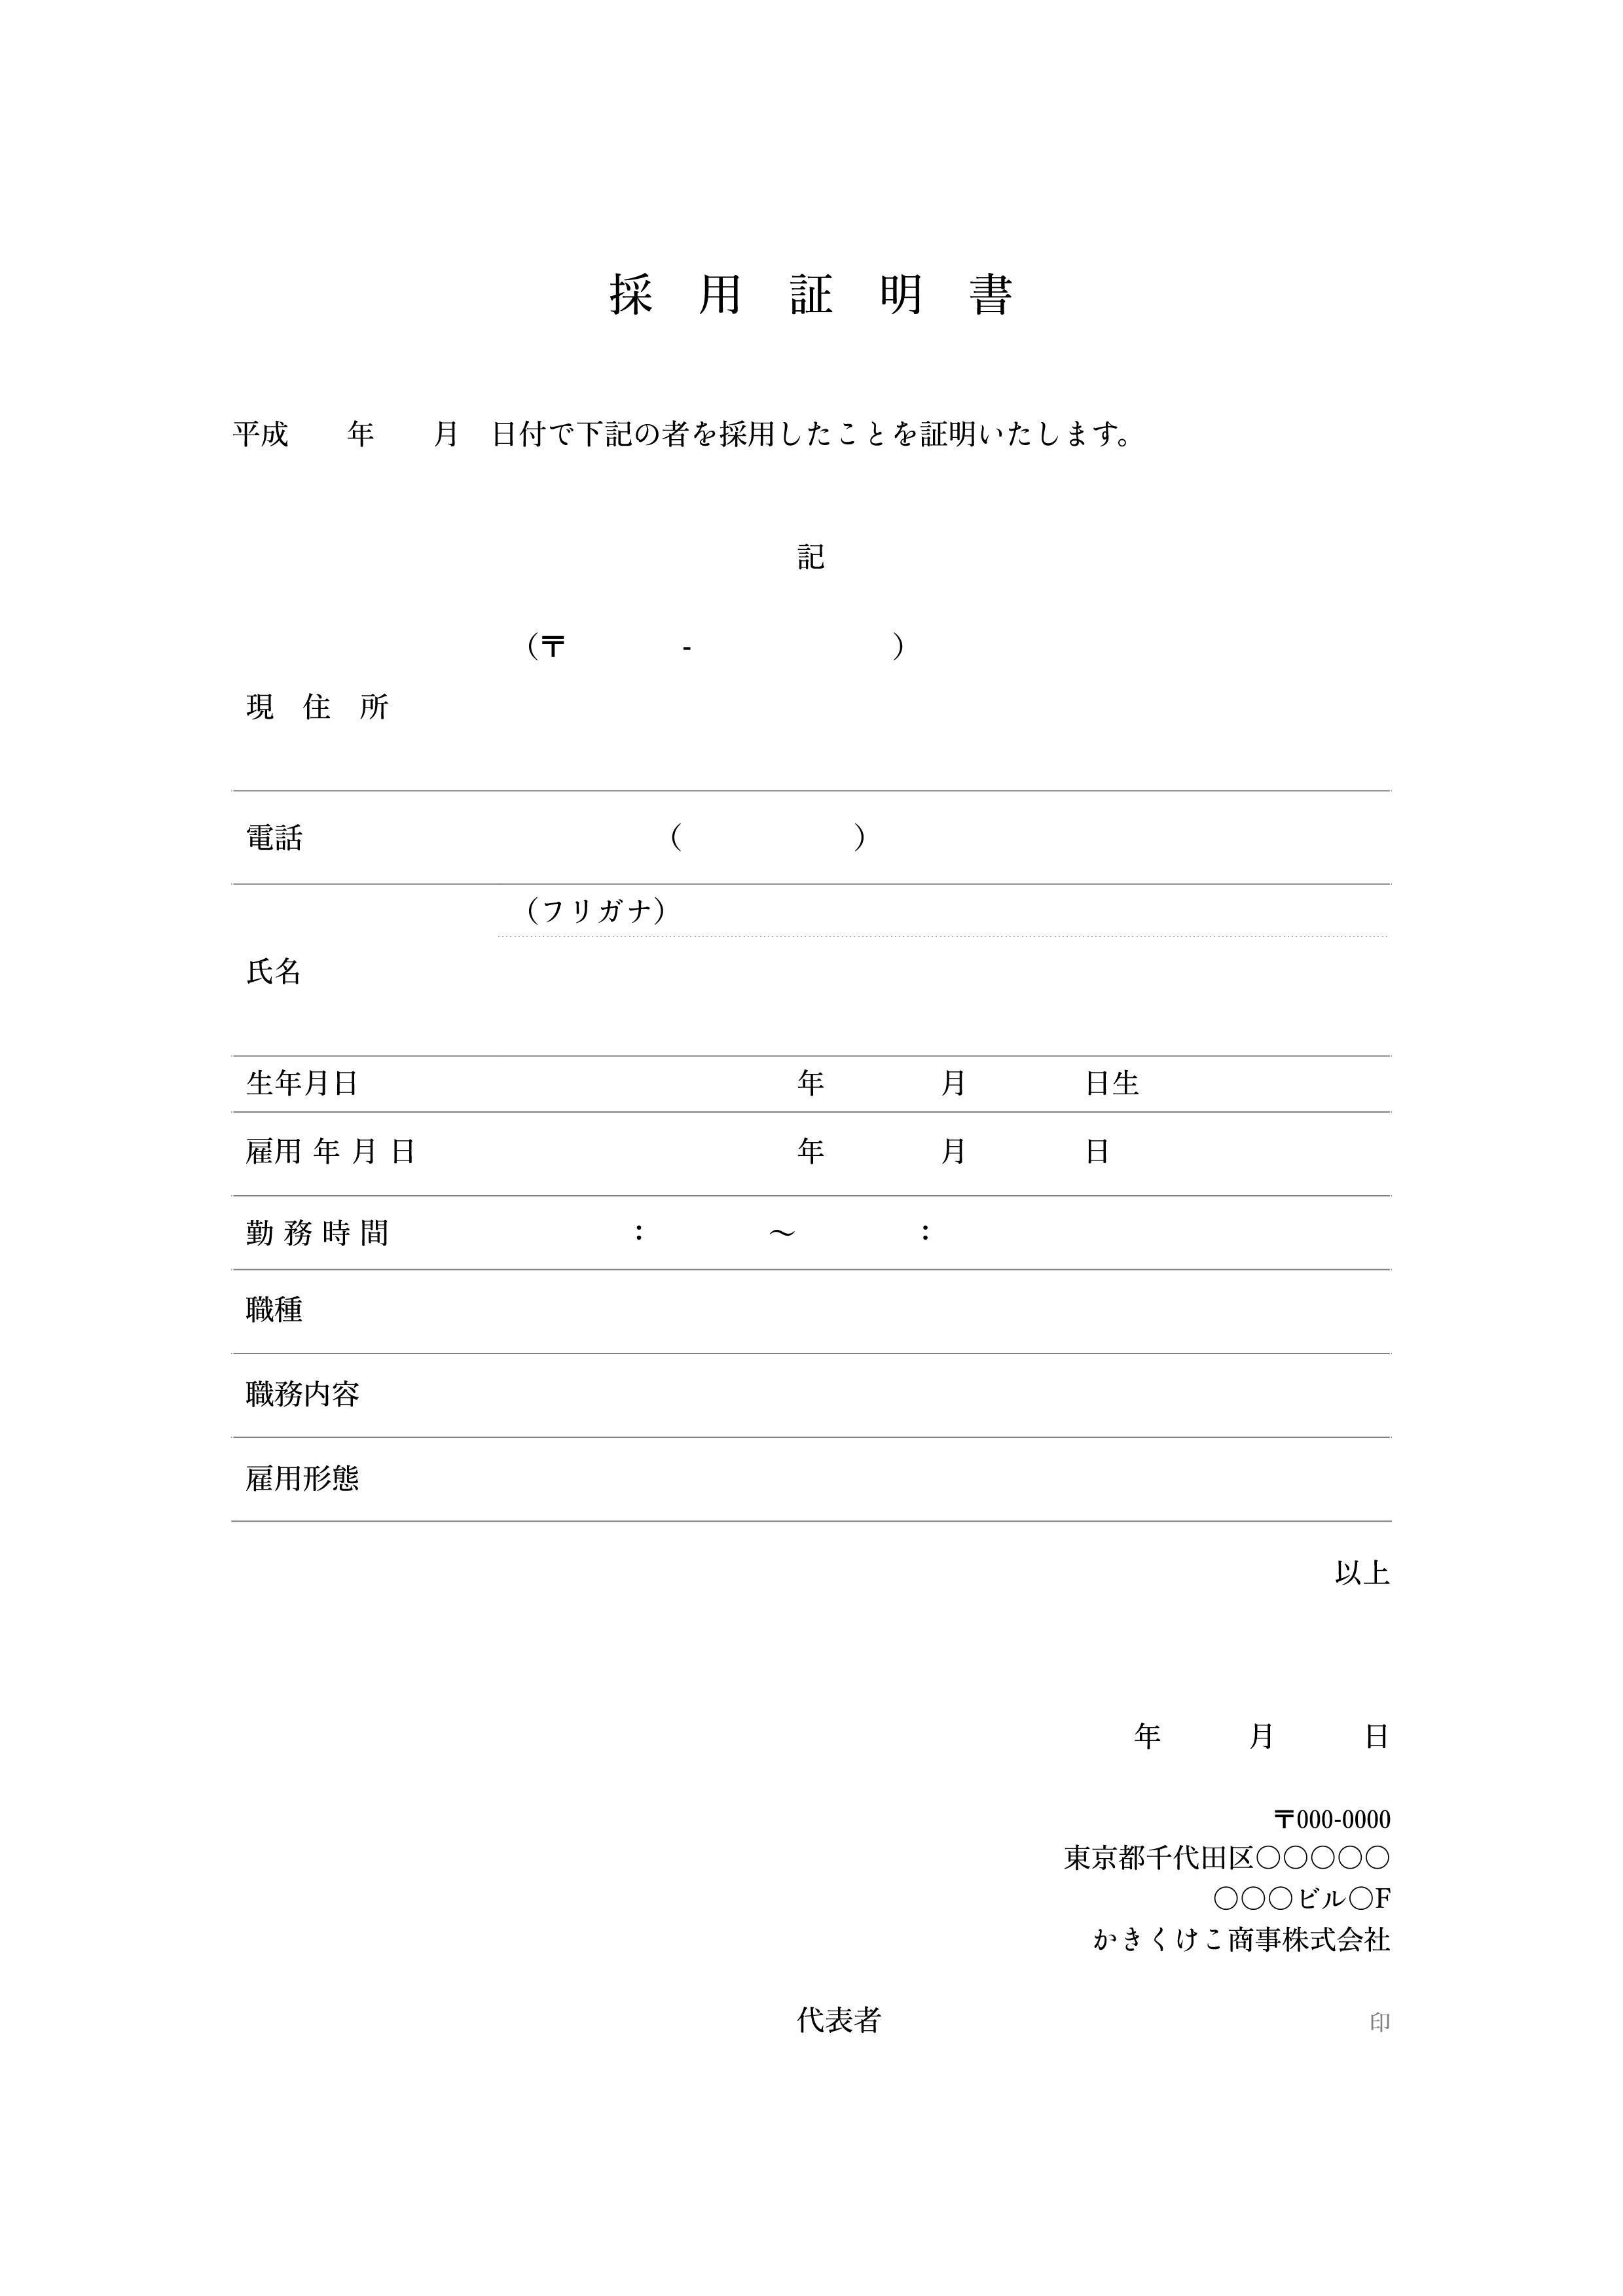 採用証明書テンプレート(ワード・ページズ)シンプル